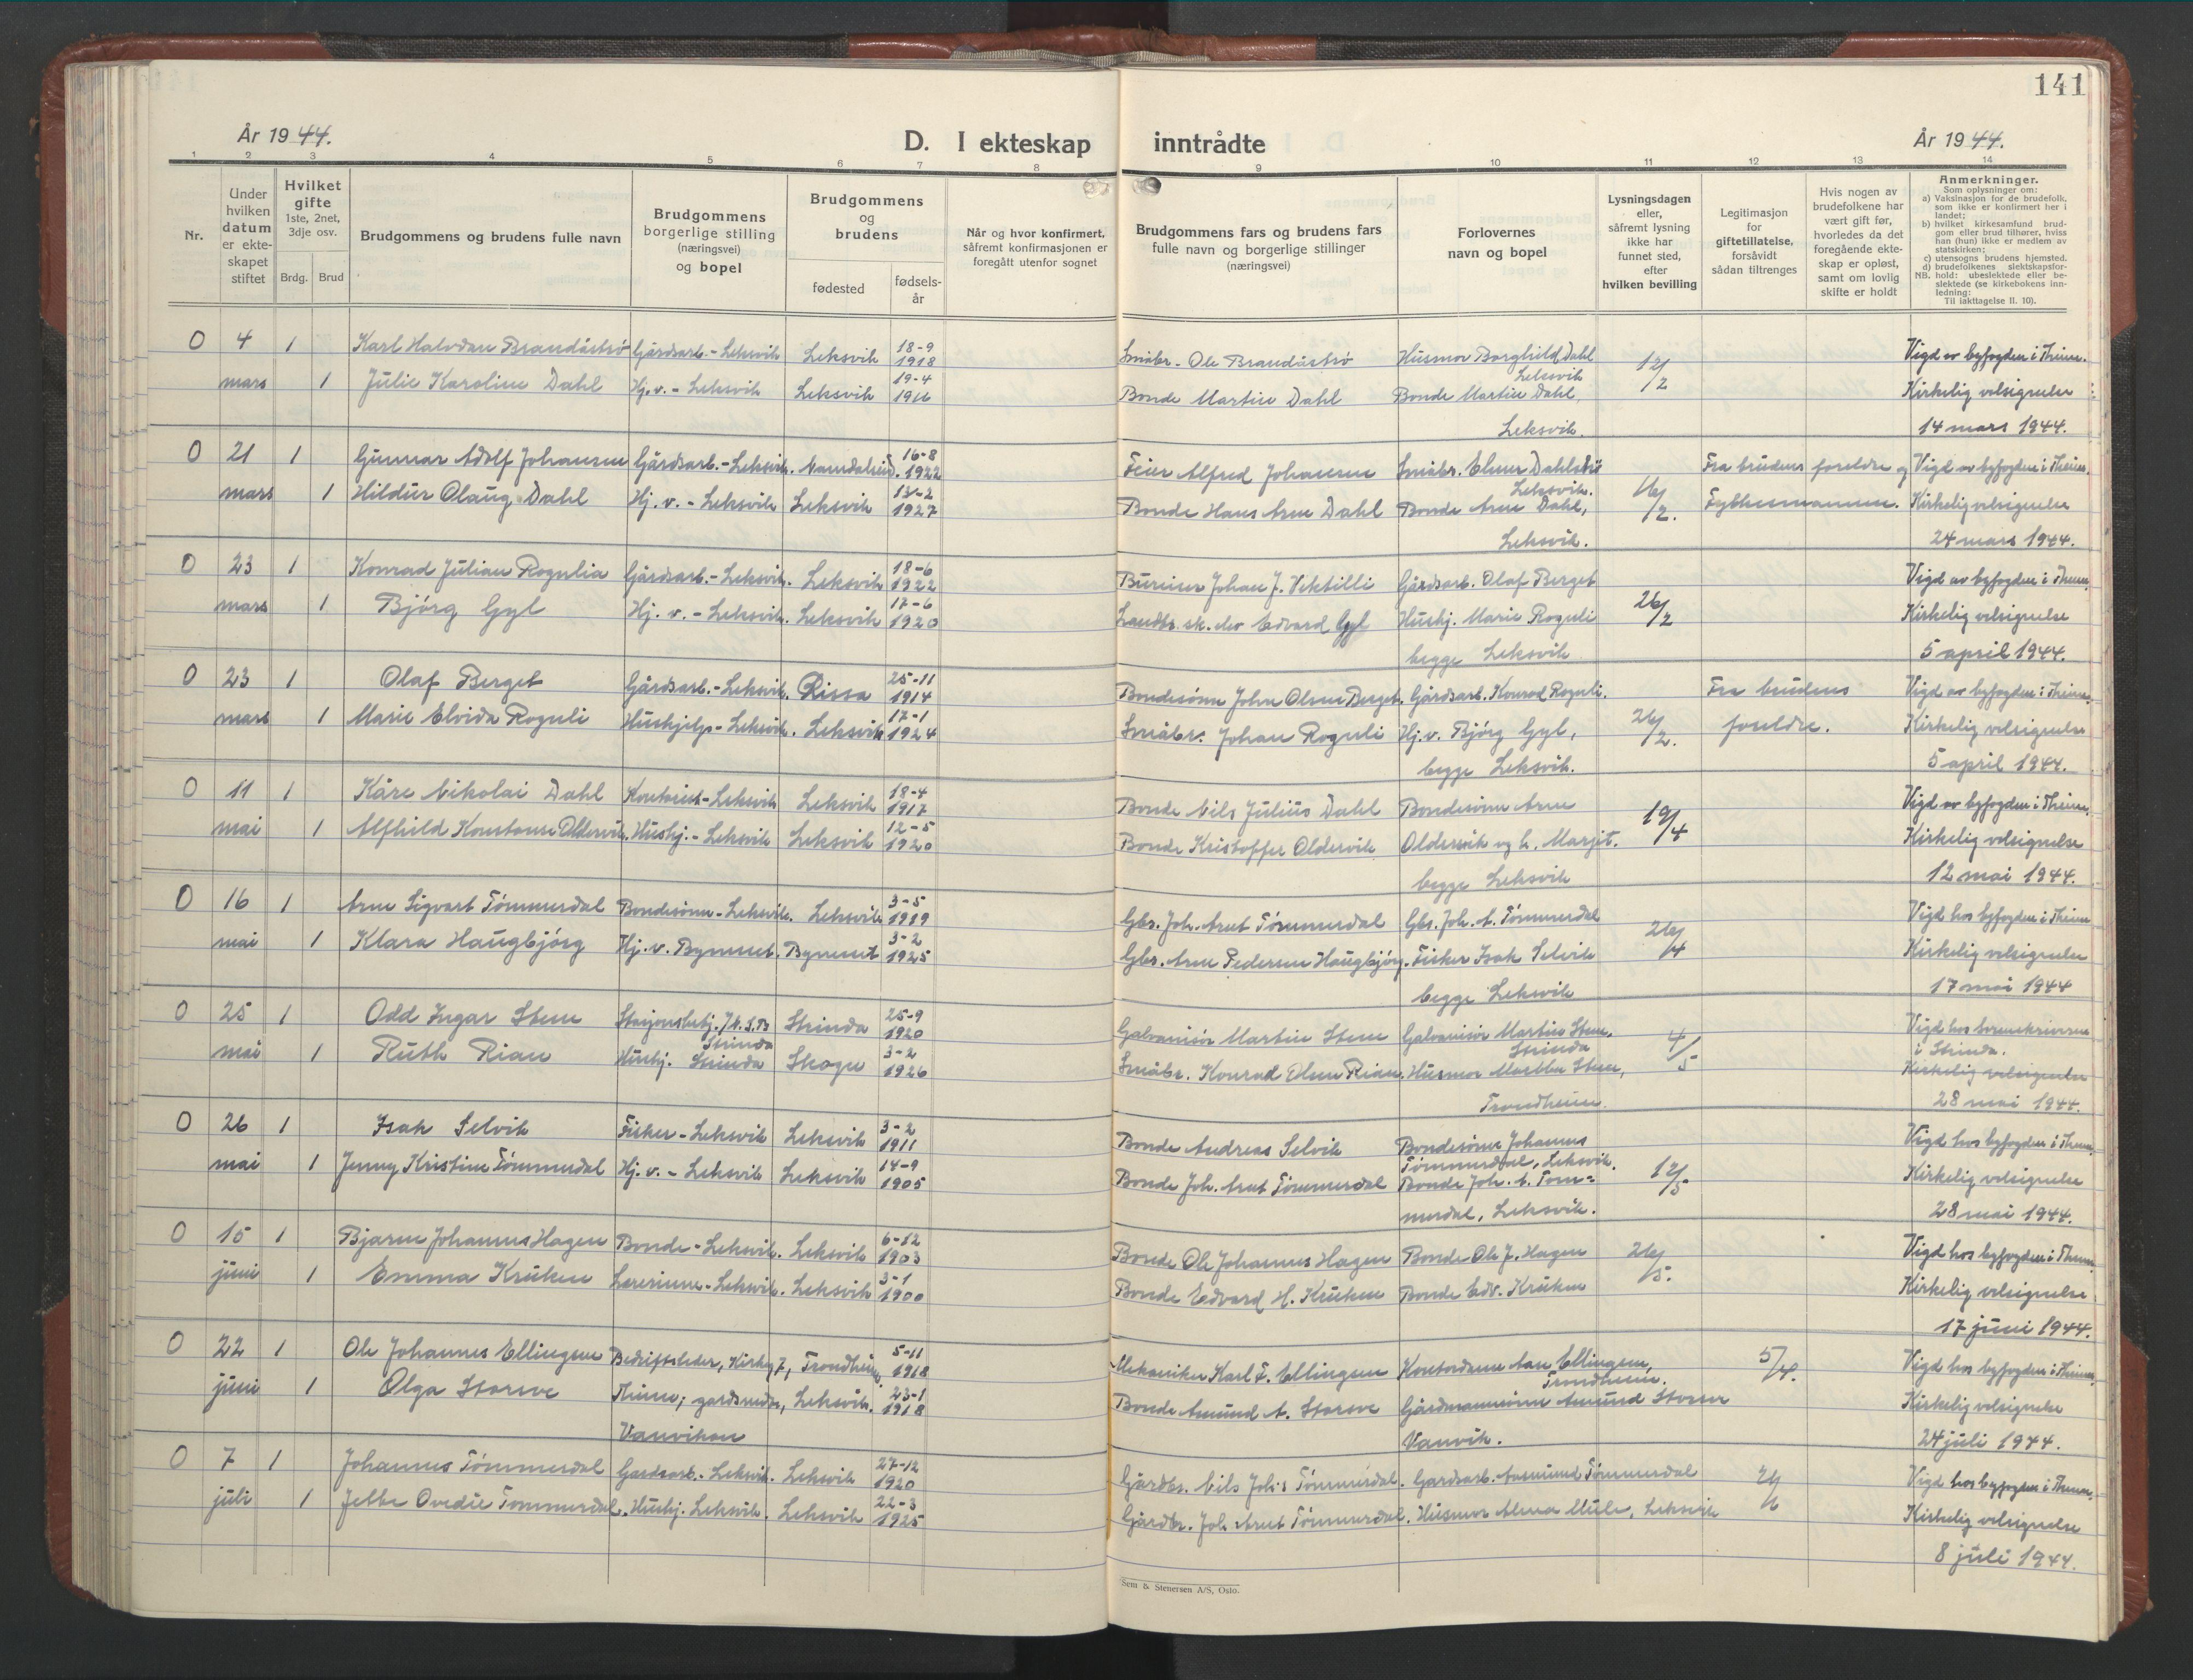 SAT, Ministerialprotokoller, klokkerbøker og fødselsregistre - Nord-Trøndelag, 701/L0019: Klokkerbok nr. 701C03, 1930-1953, s. 141